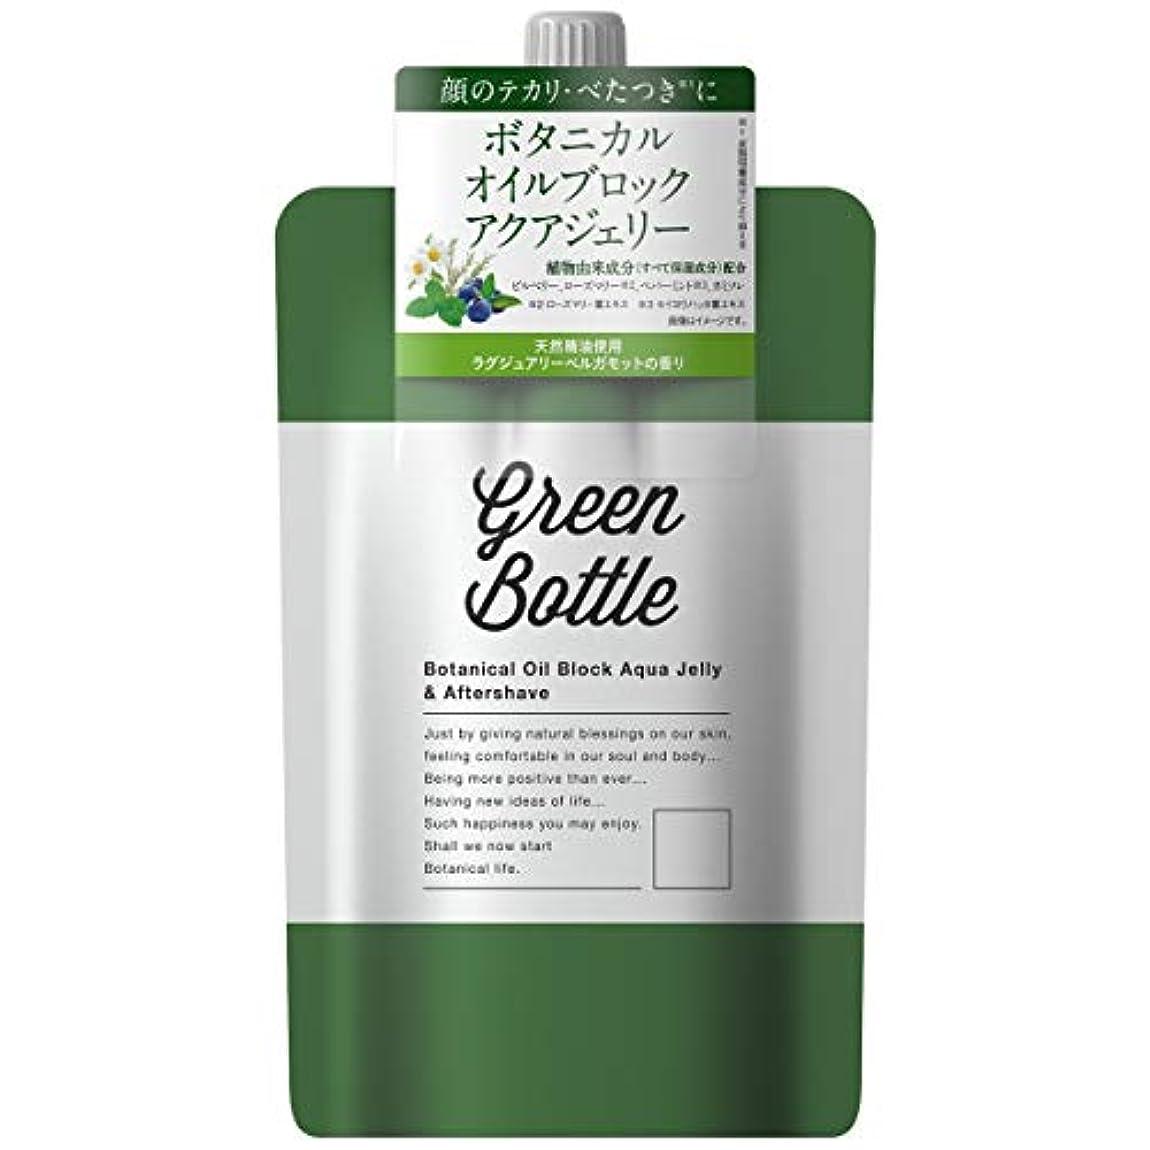 意義幾分贅沢グリーンボトルボタニカル グリーンボトル ボタニカルオイルブロックアクアジェリー 化粧水 ラグジュアリーベルガモットの香り 150g